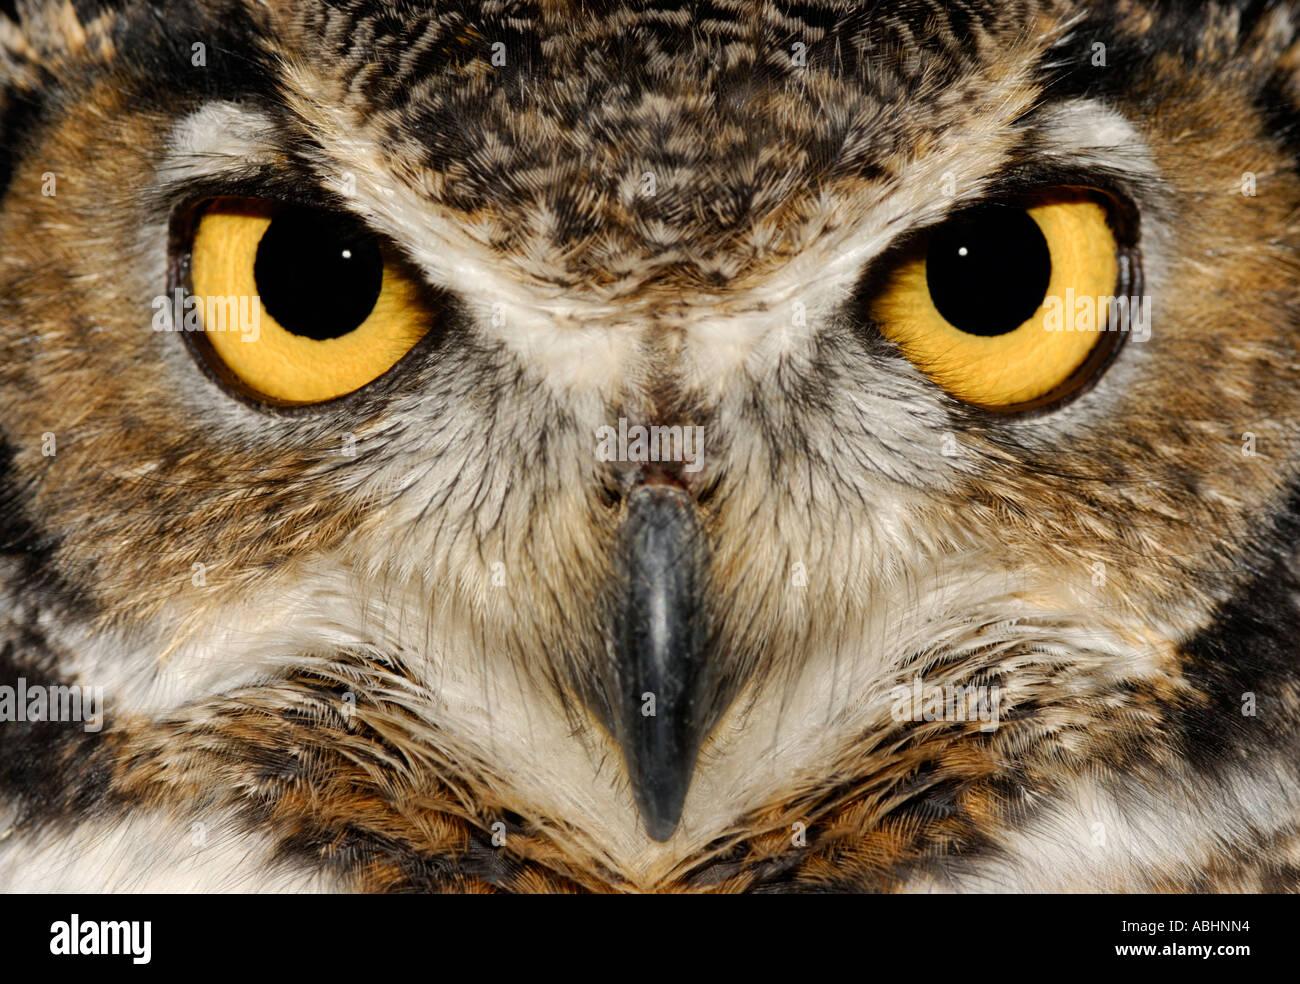 Owl Face Stock Photos & Owl Face Stock Images - Alamy